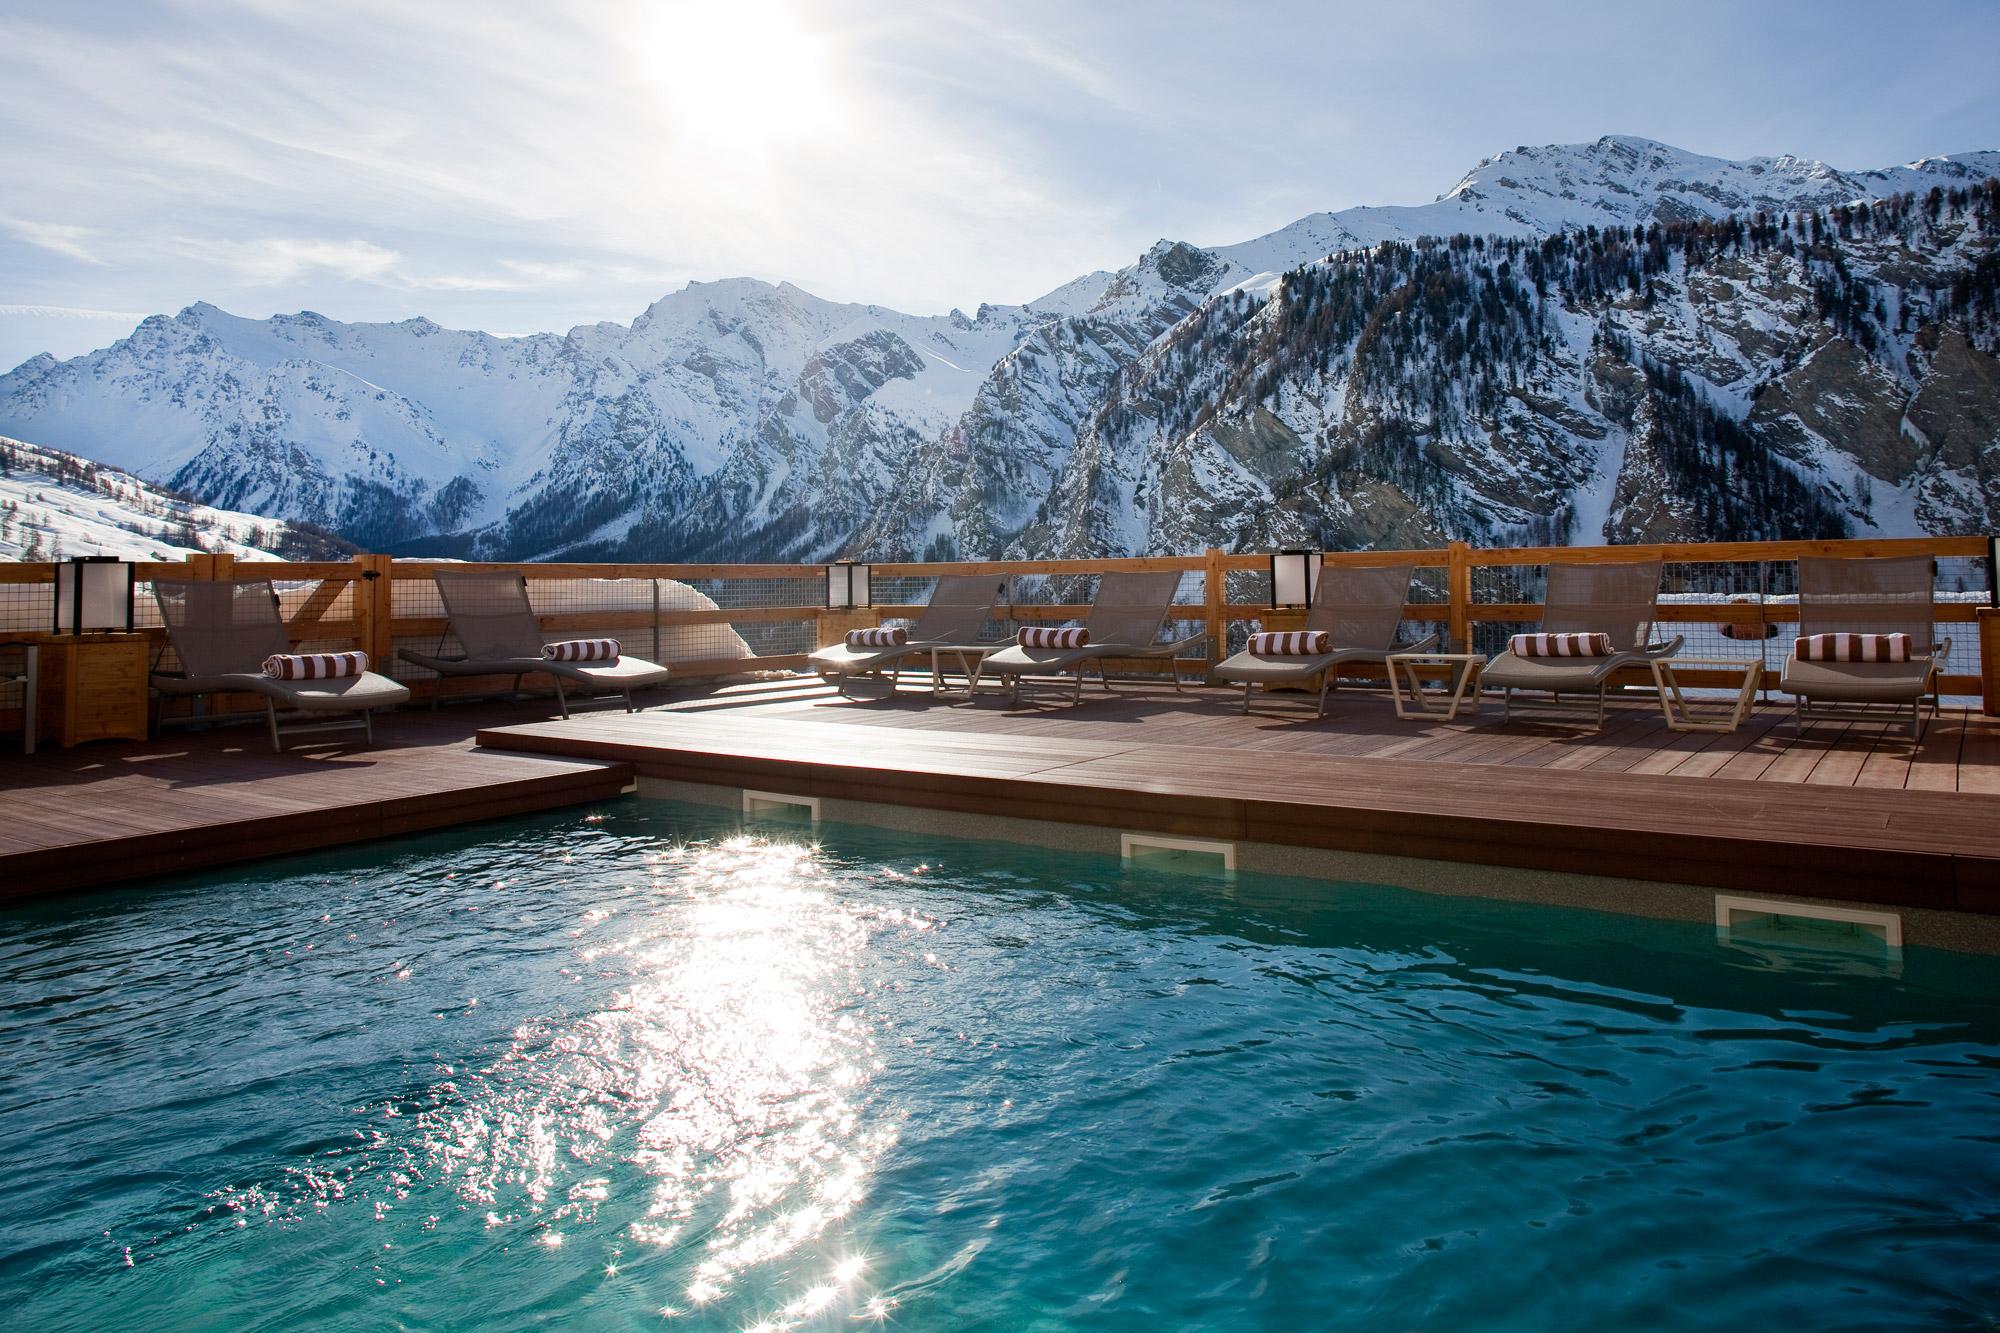 Piscine baignée par les rayons du soleil, avec vue splendide sur les montagnes enneigées